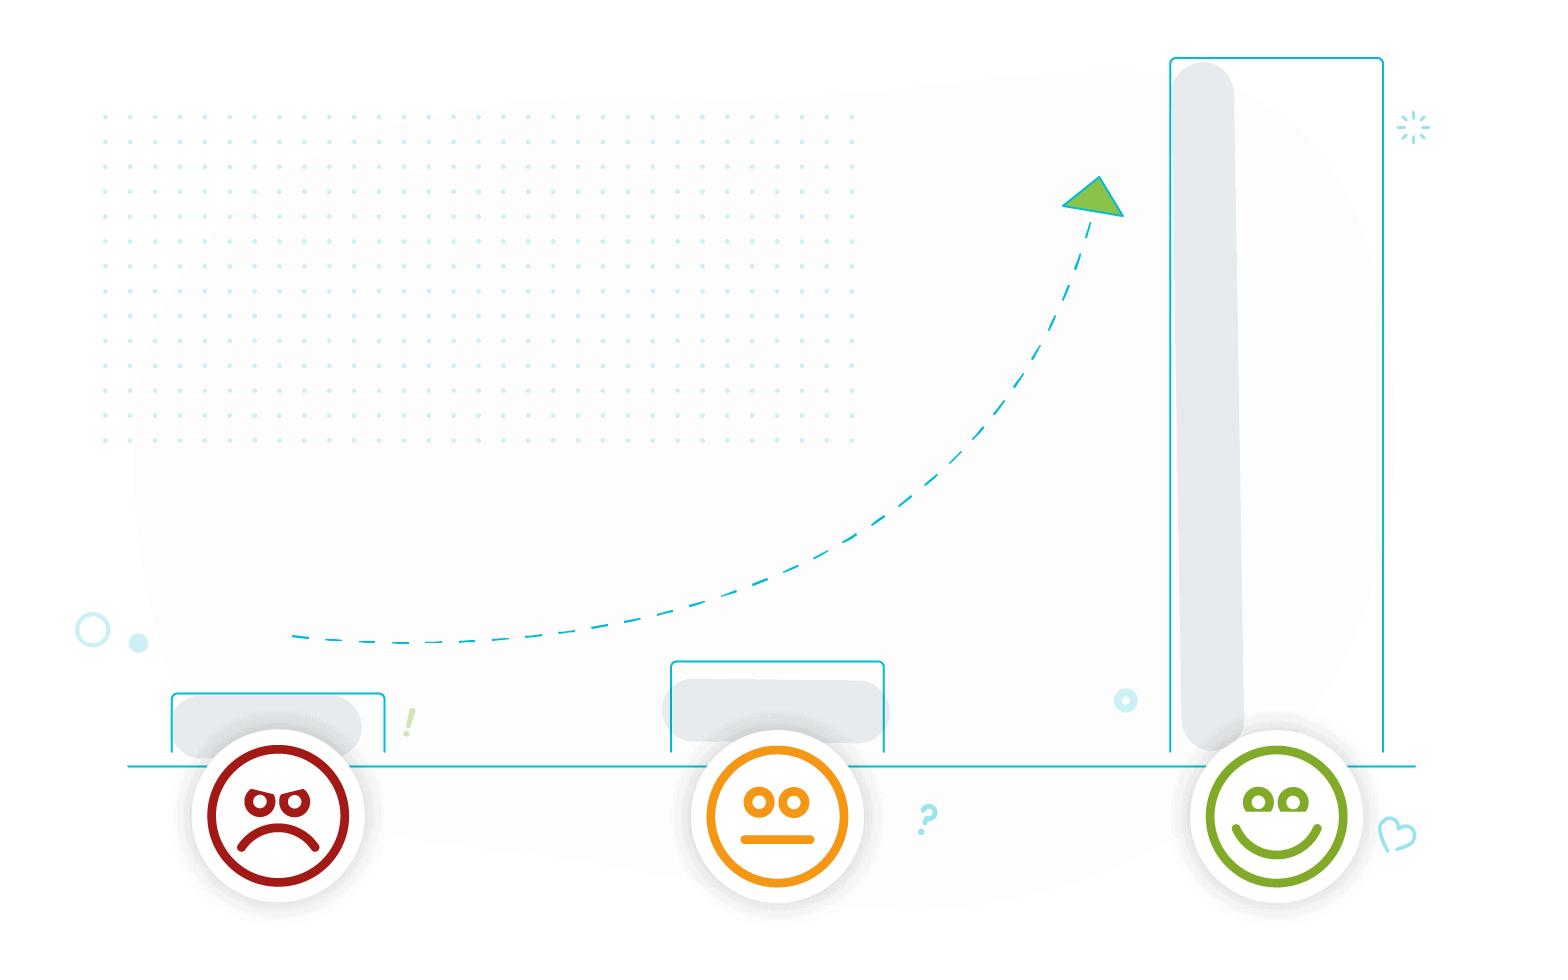 CX strategy graph